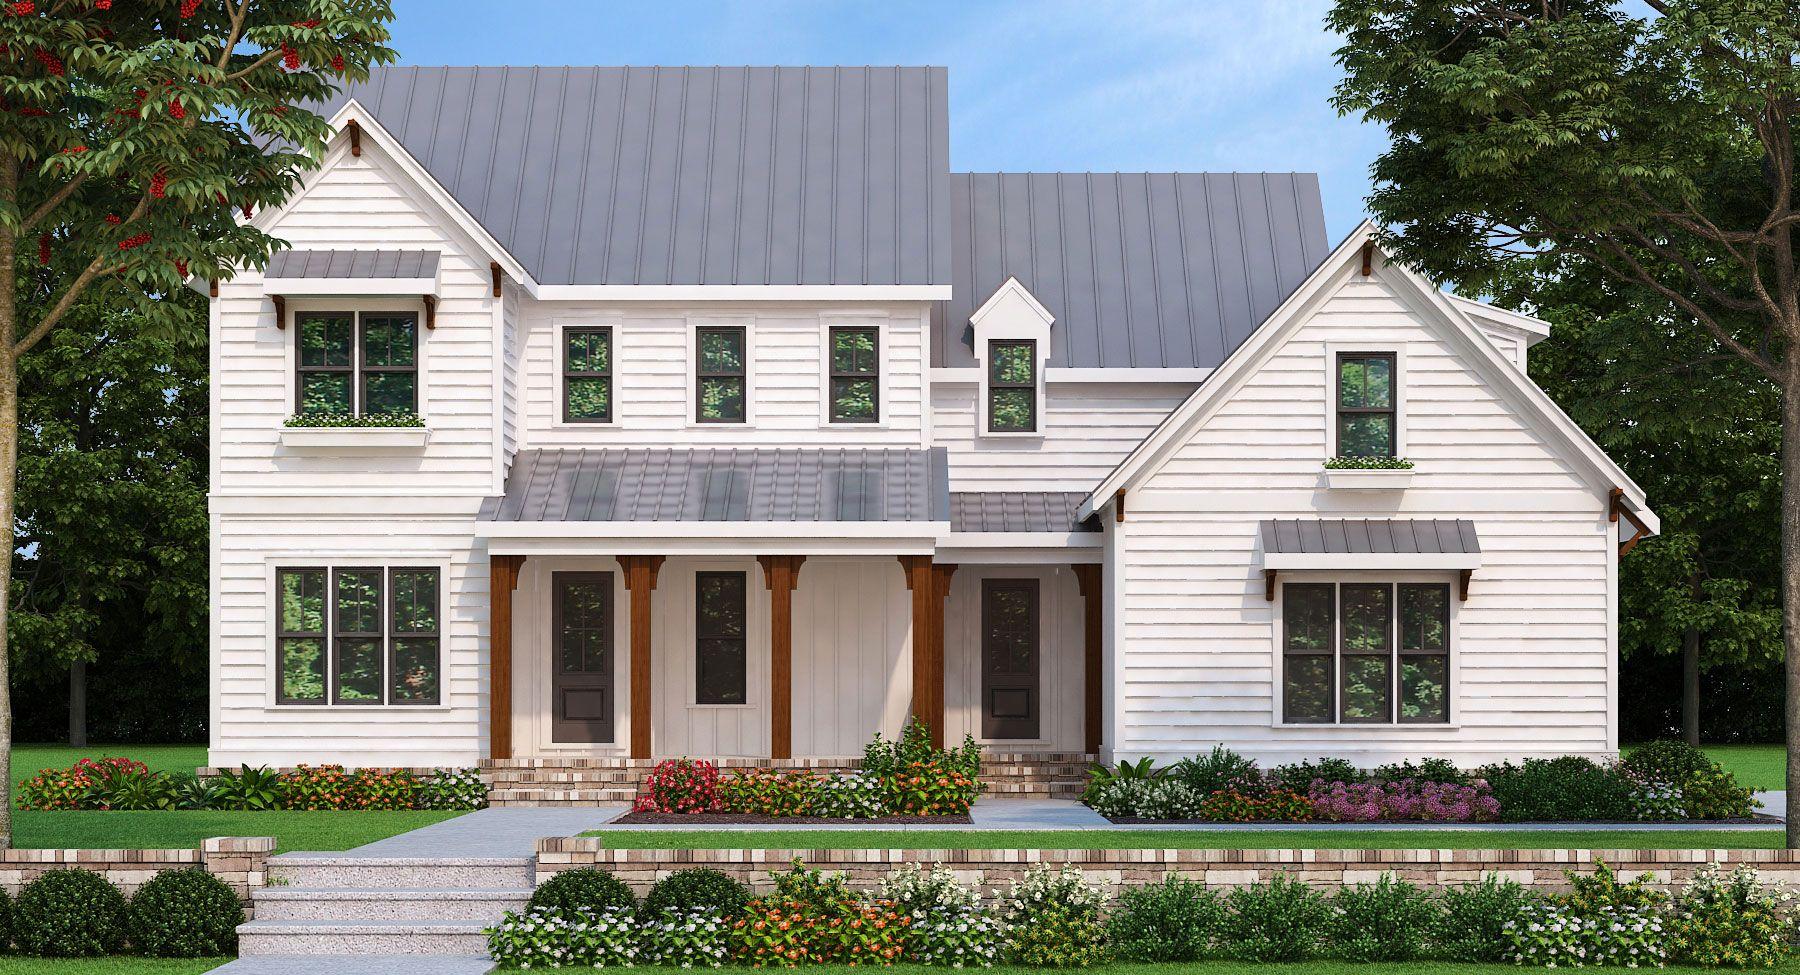 38++ Eplans farmhouse inspiration